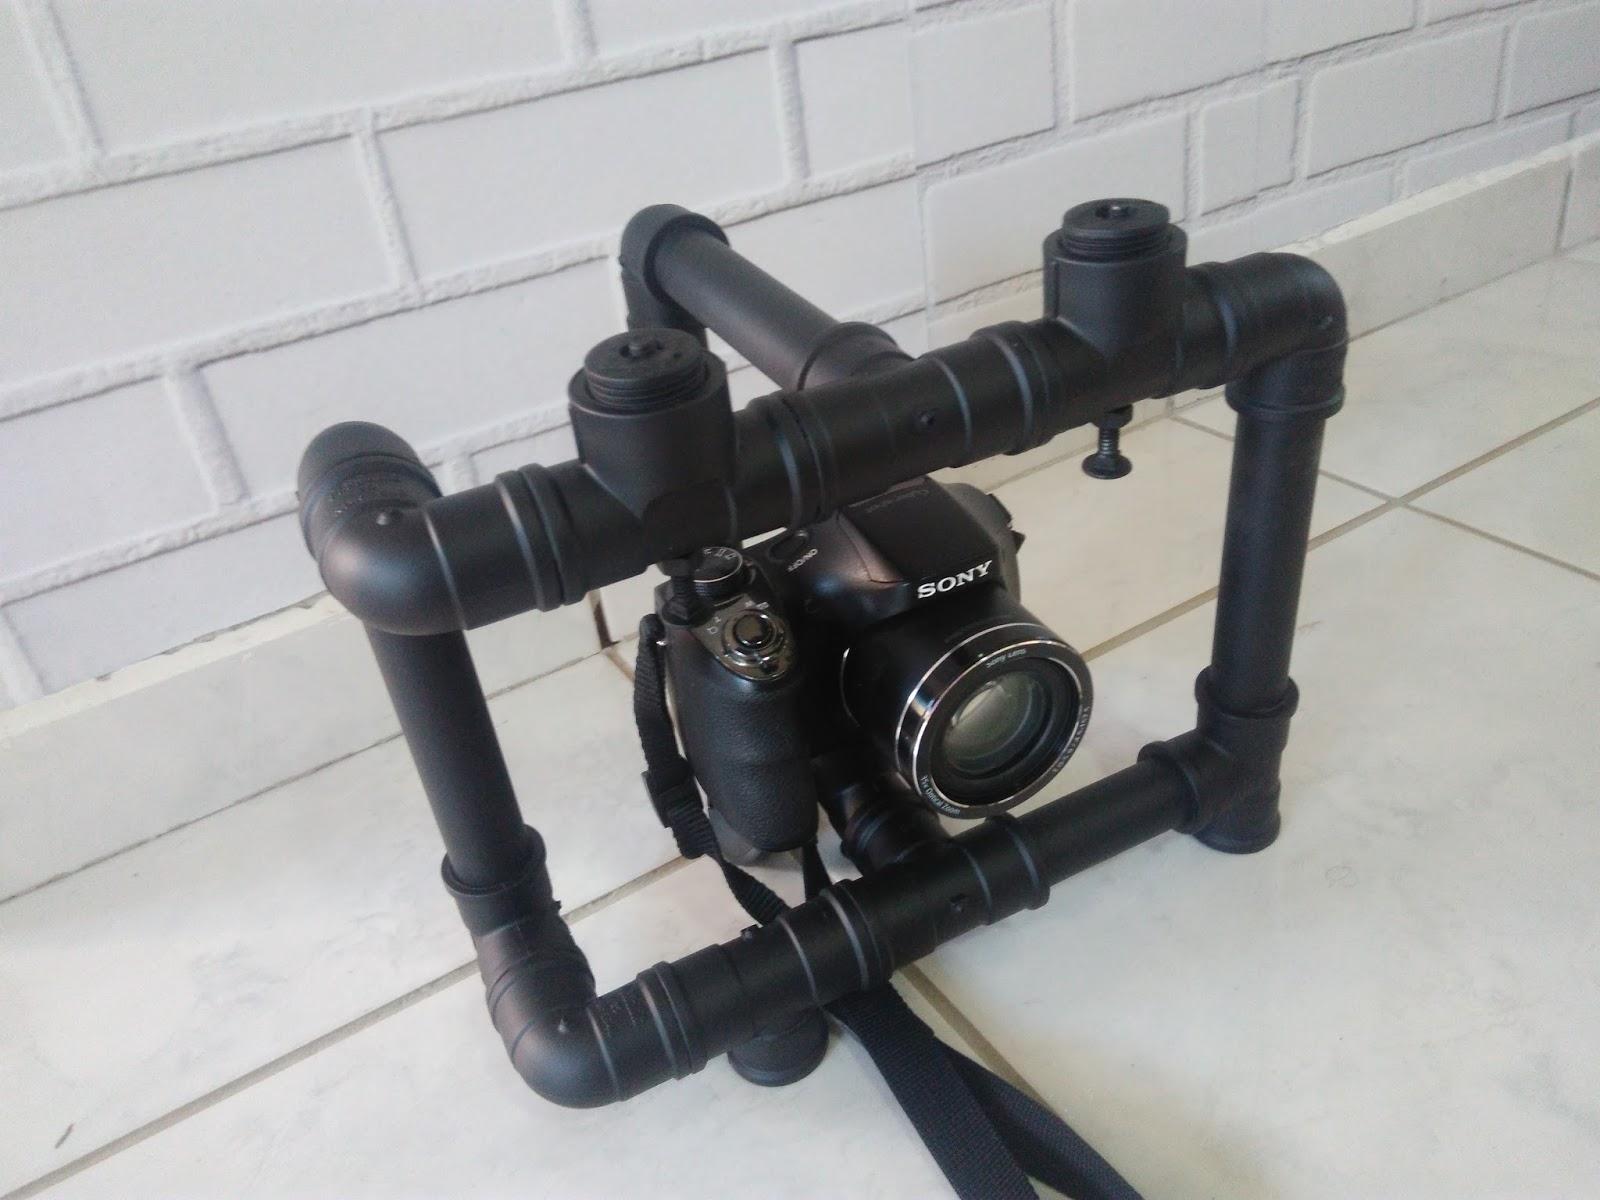 Estabilizador de câmera caseiro (cano pvc)